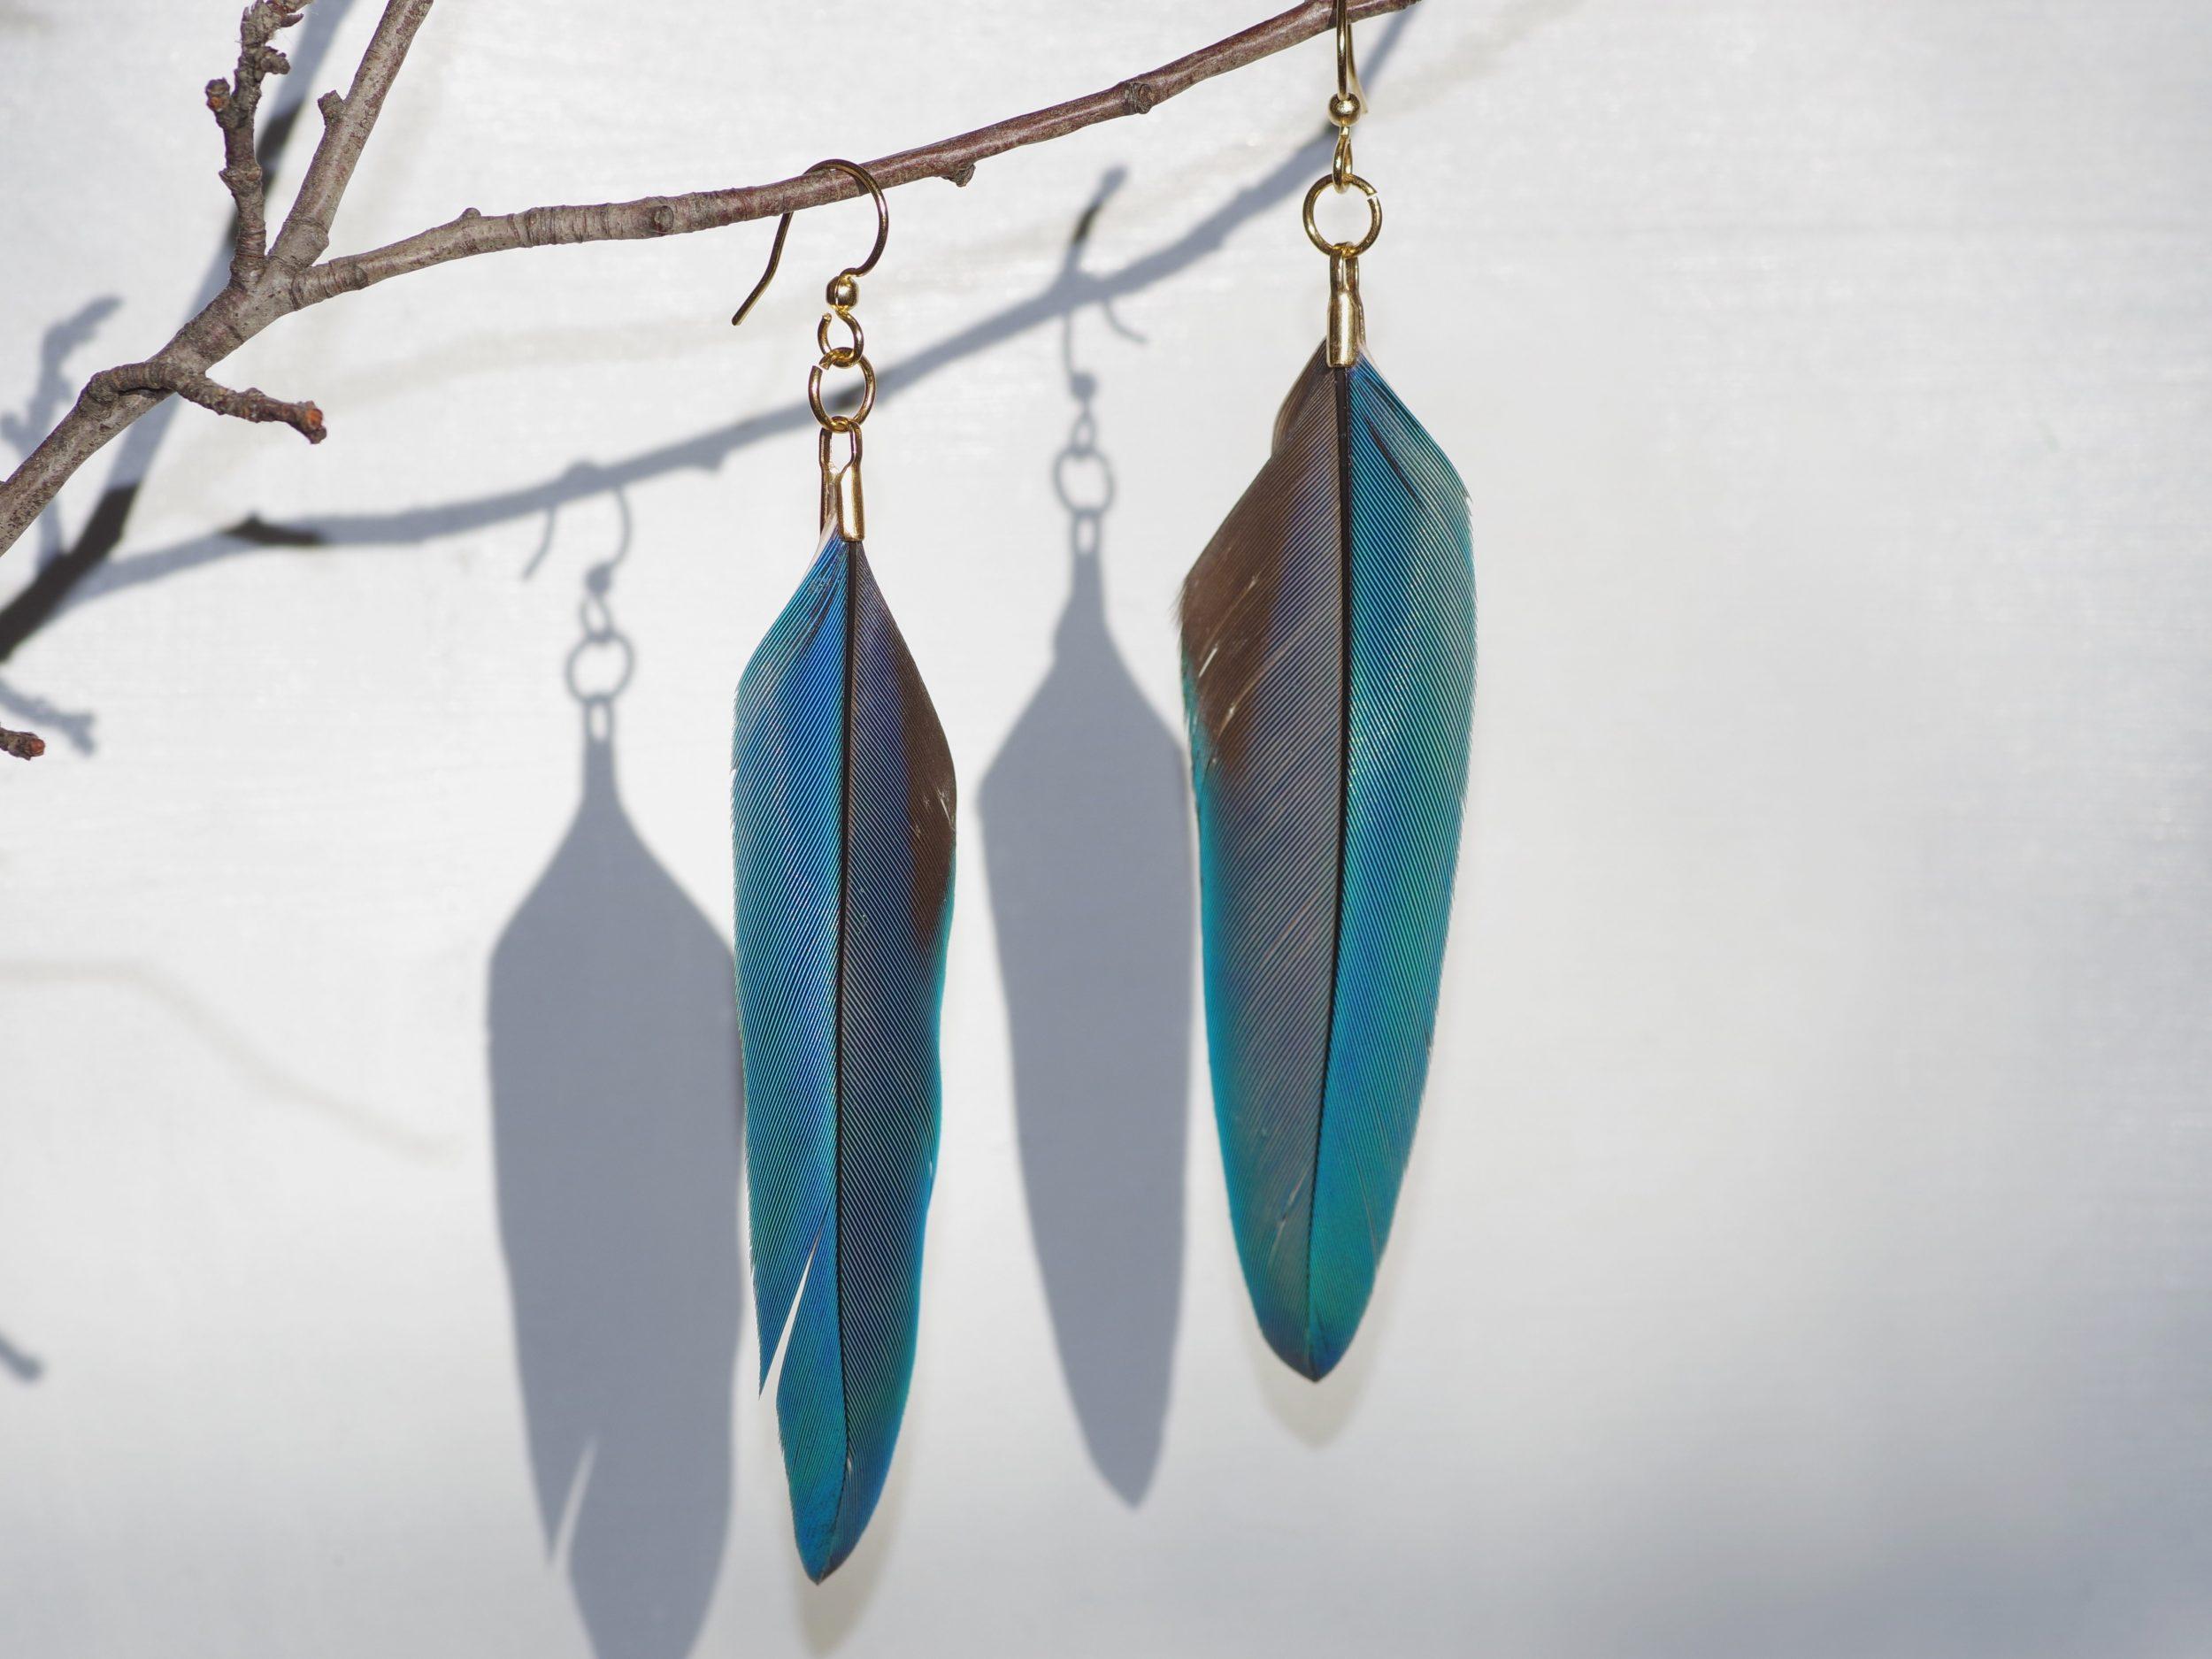 boucles d'oreilles à grandes plumes d'ara bleues, crochets dorés